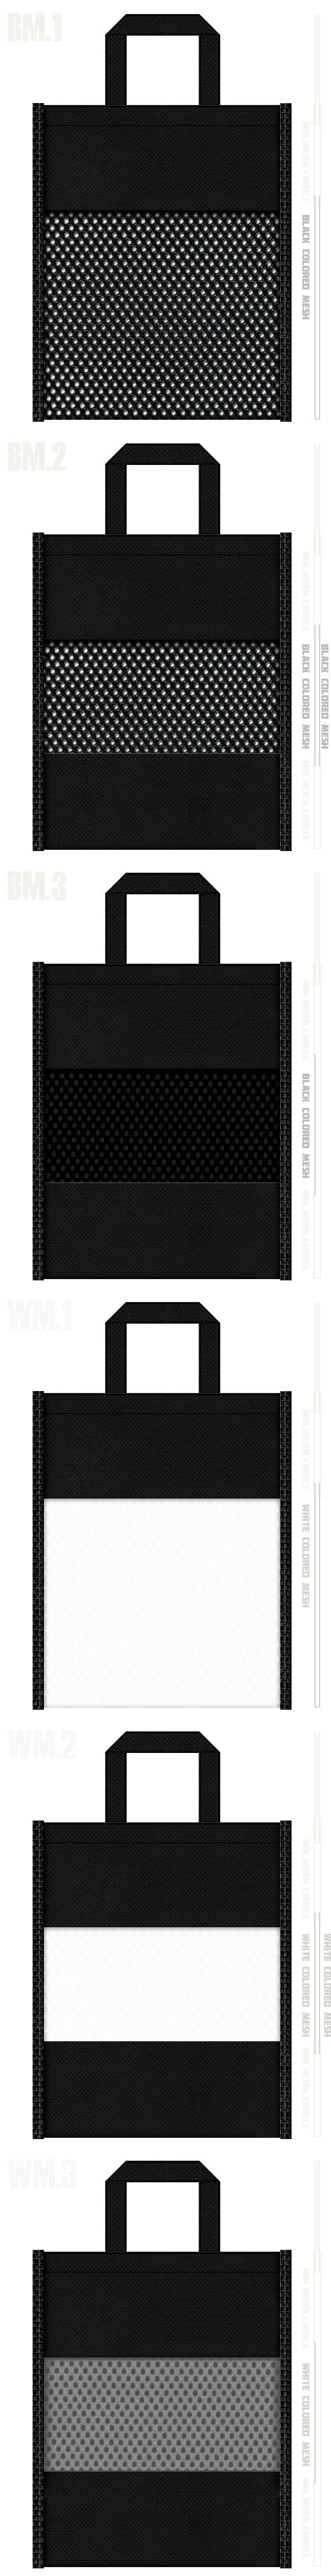 フラットタイプのメッシュバッグのカラーシミュレーション:黒色・白色メッシュと黒色不織布の組み合わせ